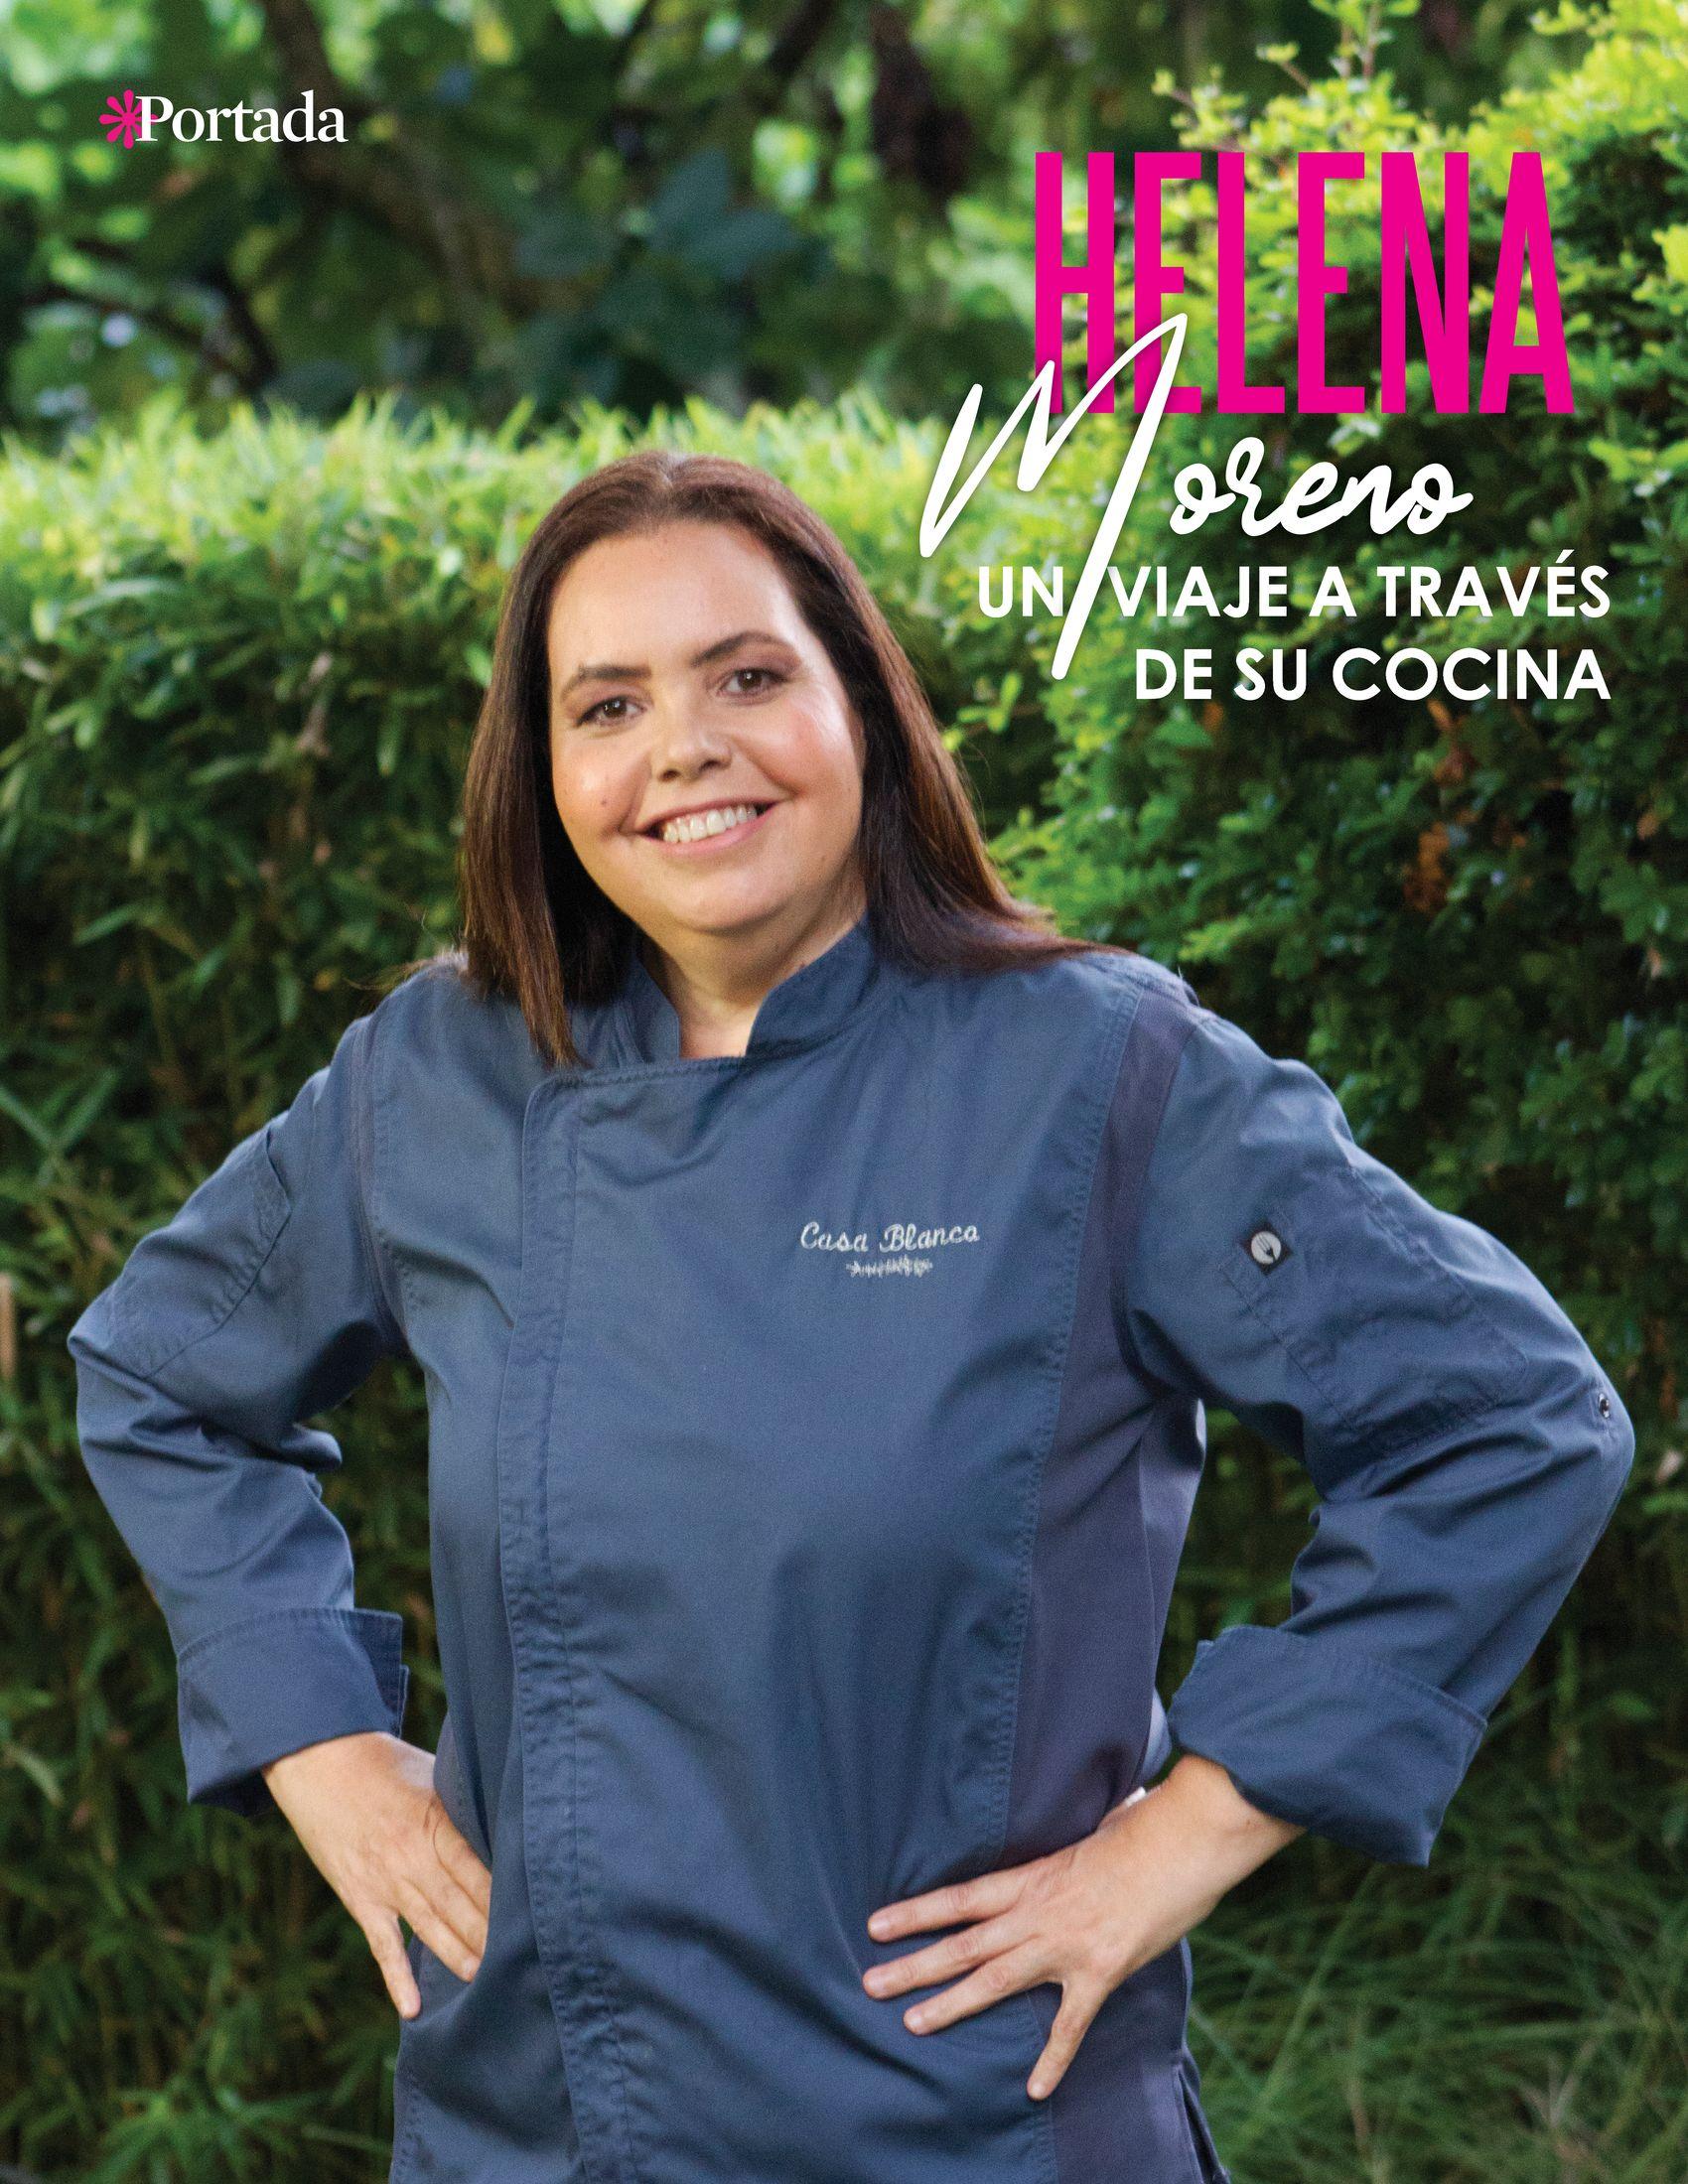 16-REV Entrevista: Erika Paz -  Helena Moreno: un viaje a través de su cocina